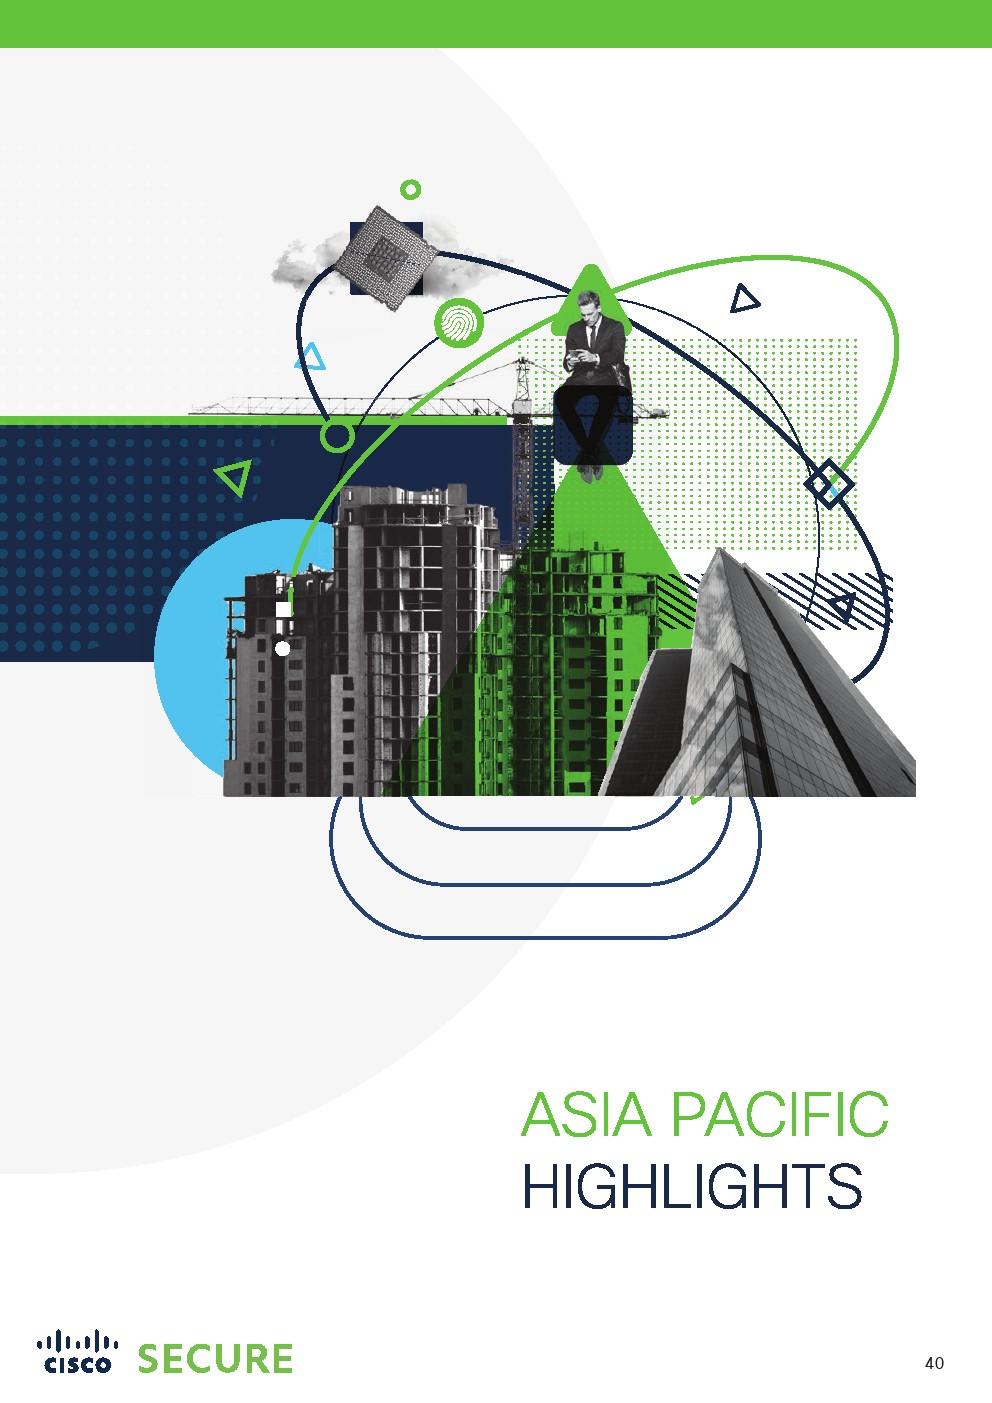 《Cisco报告:安全进行远程工作的未来》